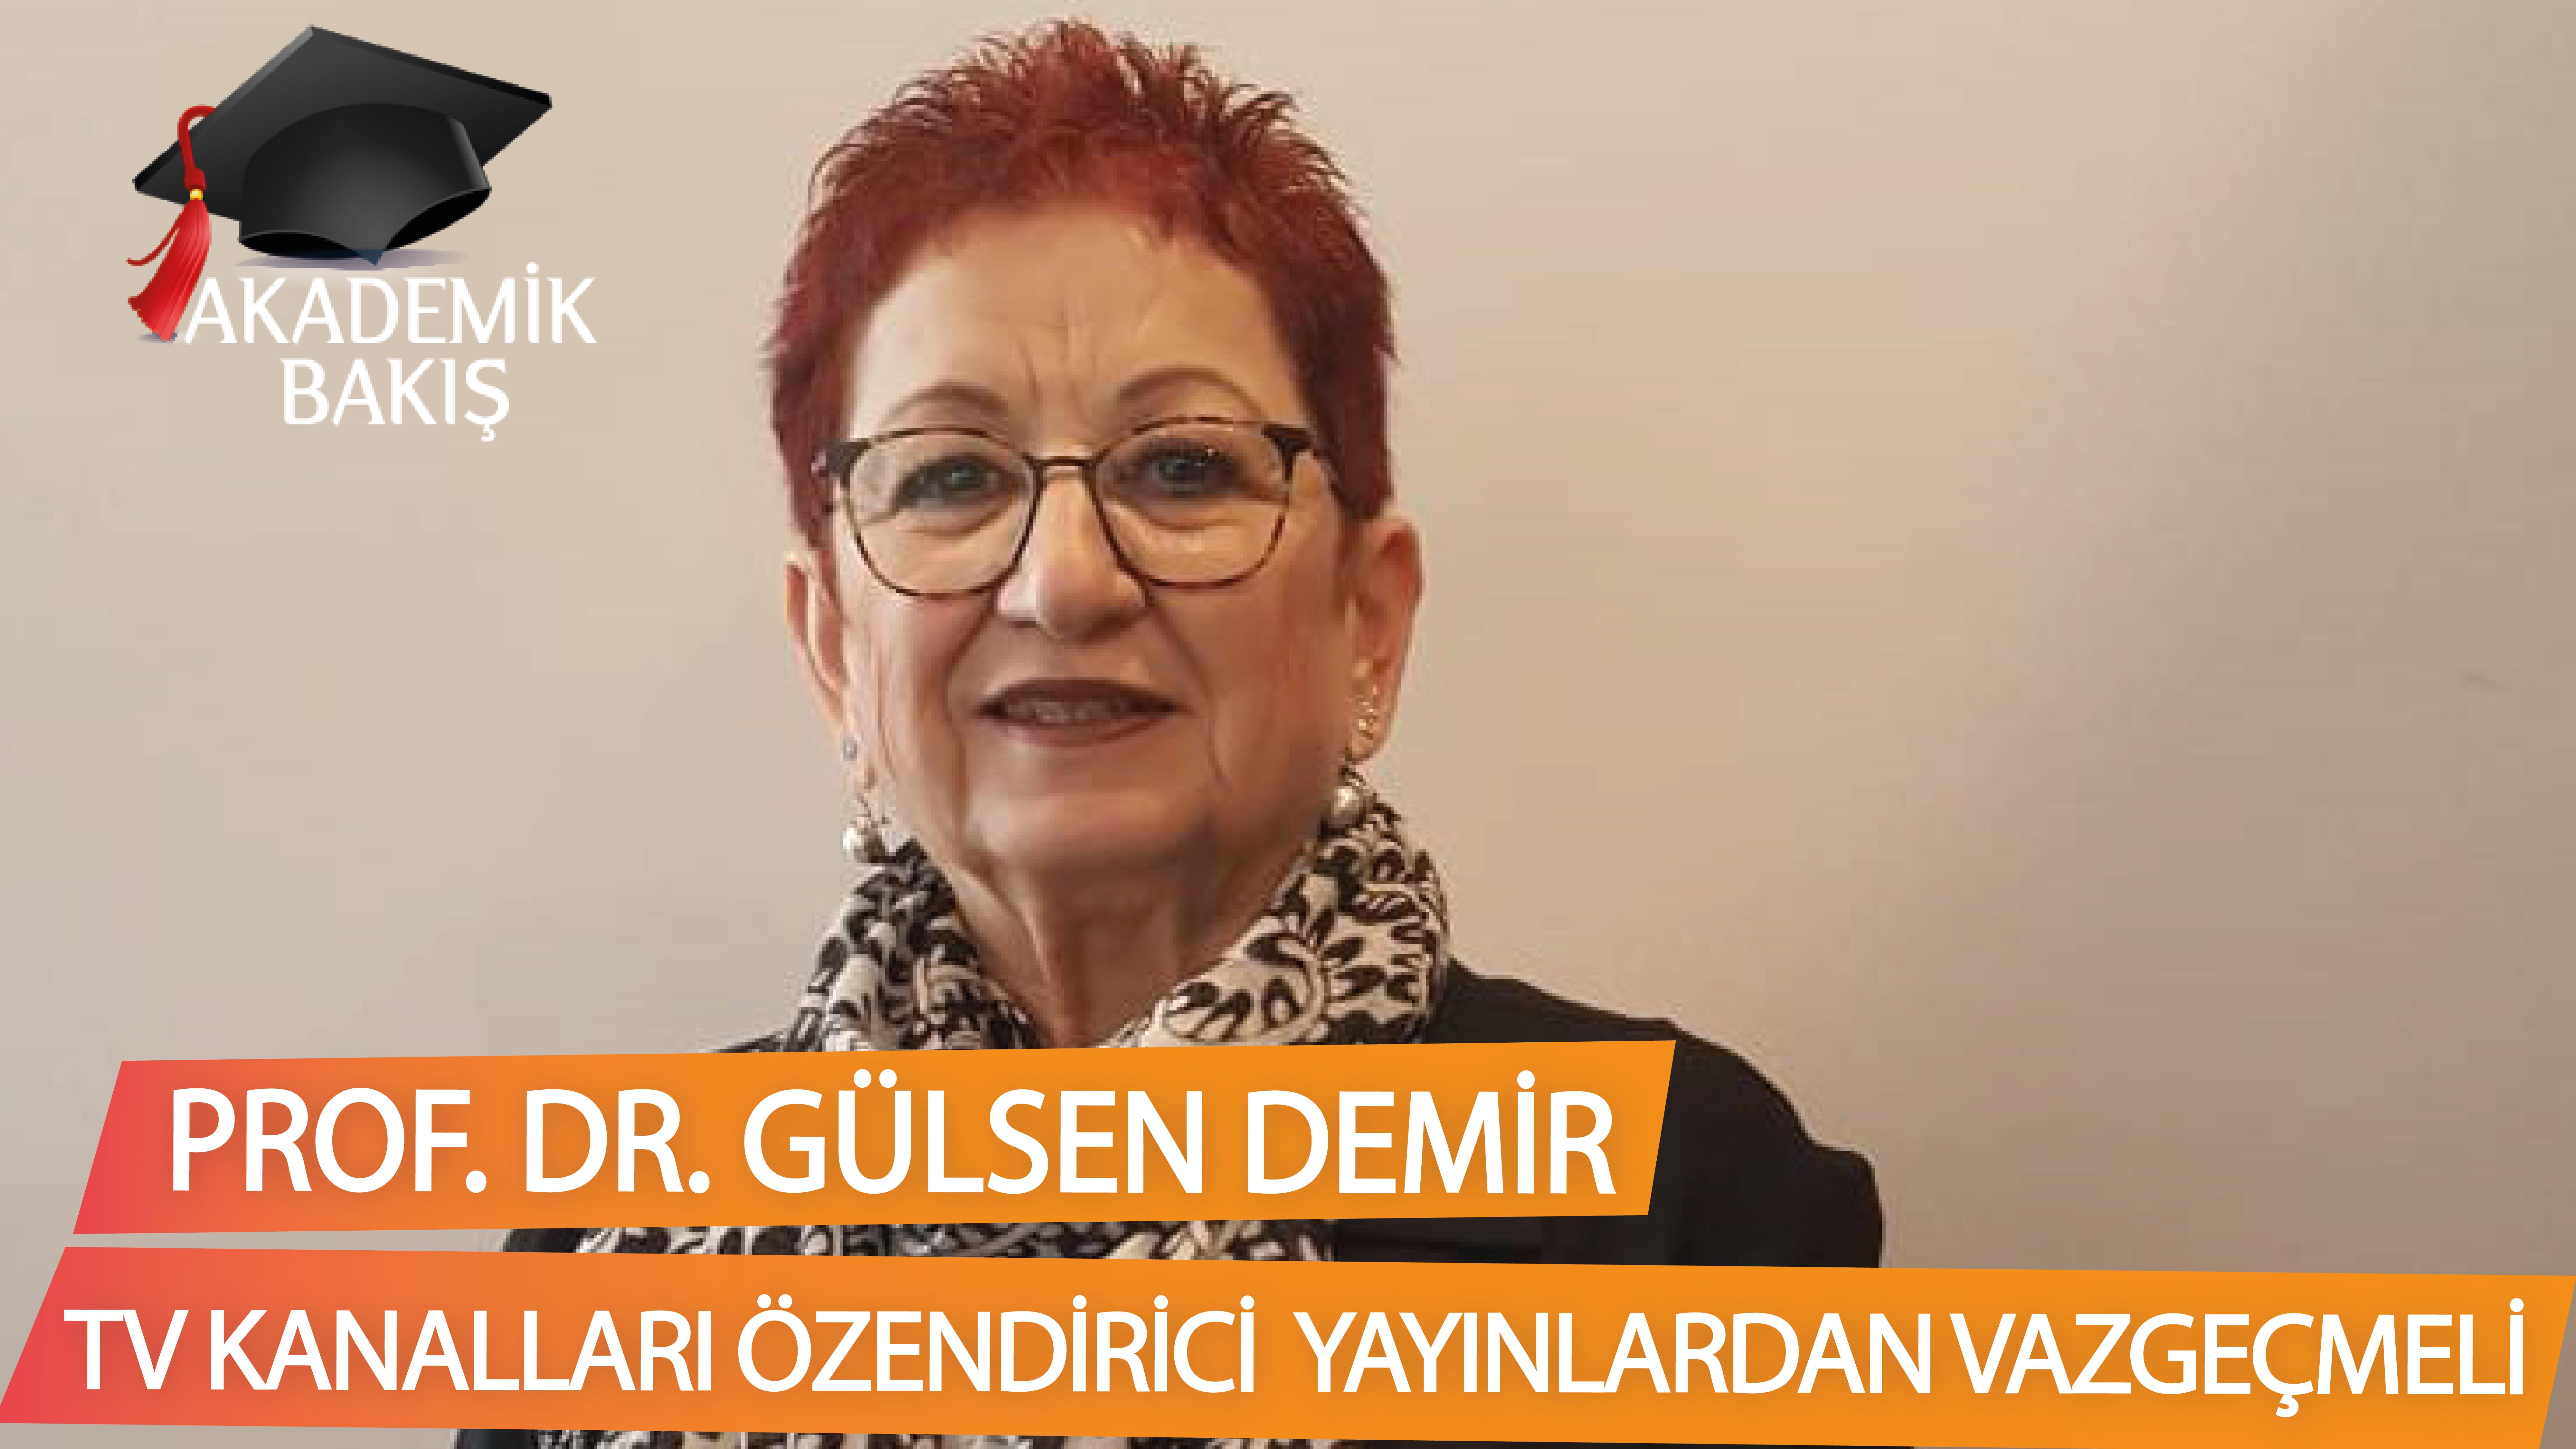 Prof. Dr. Gülsen Demir Akademik Bakış'ta Dizileri Değerlendirdi